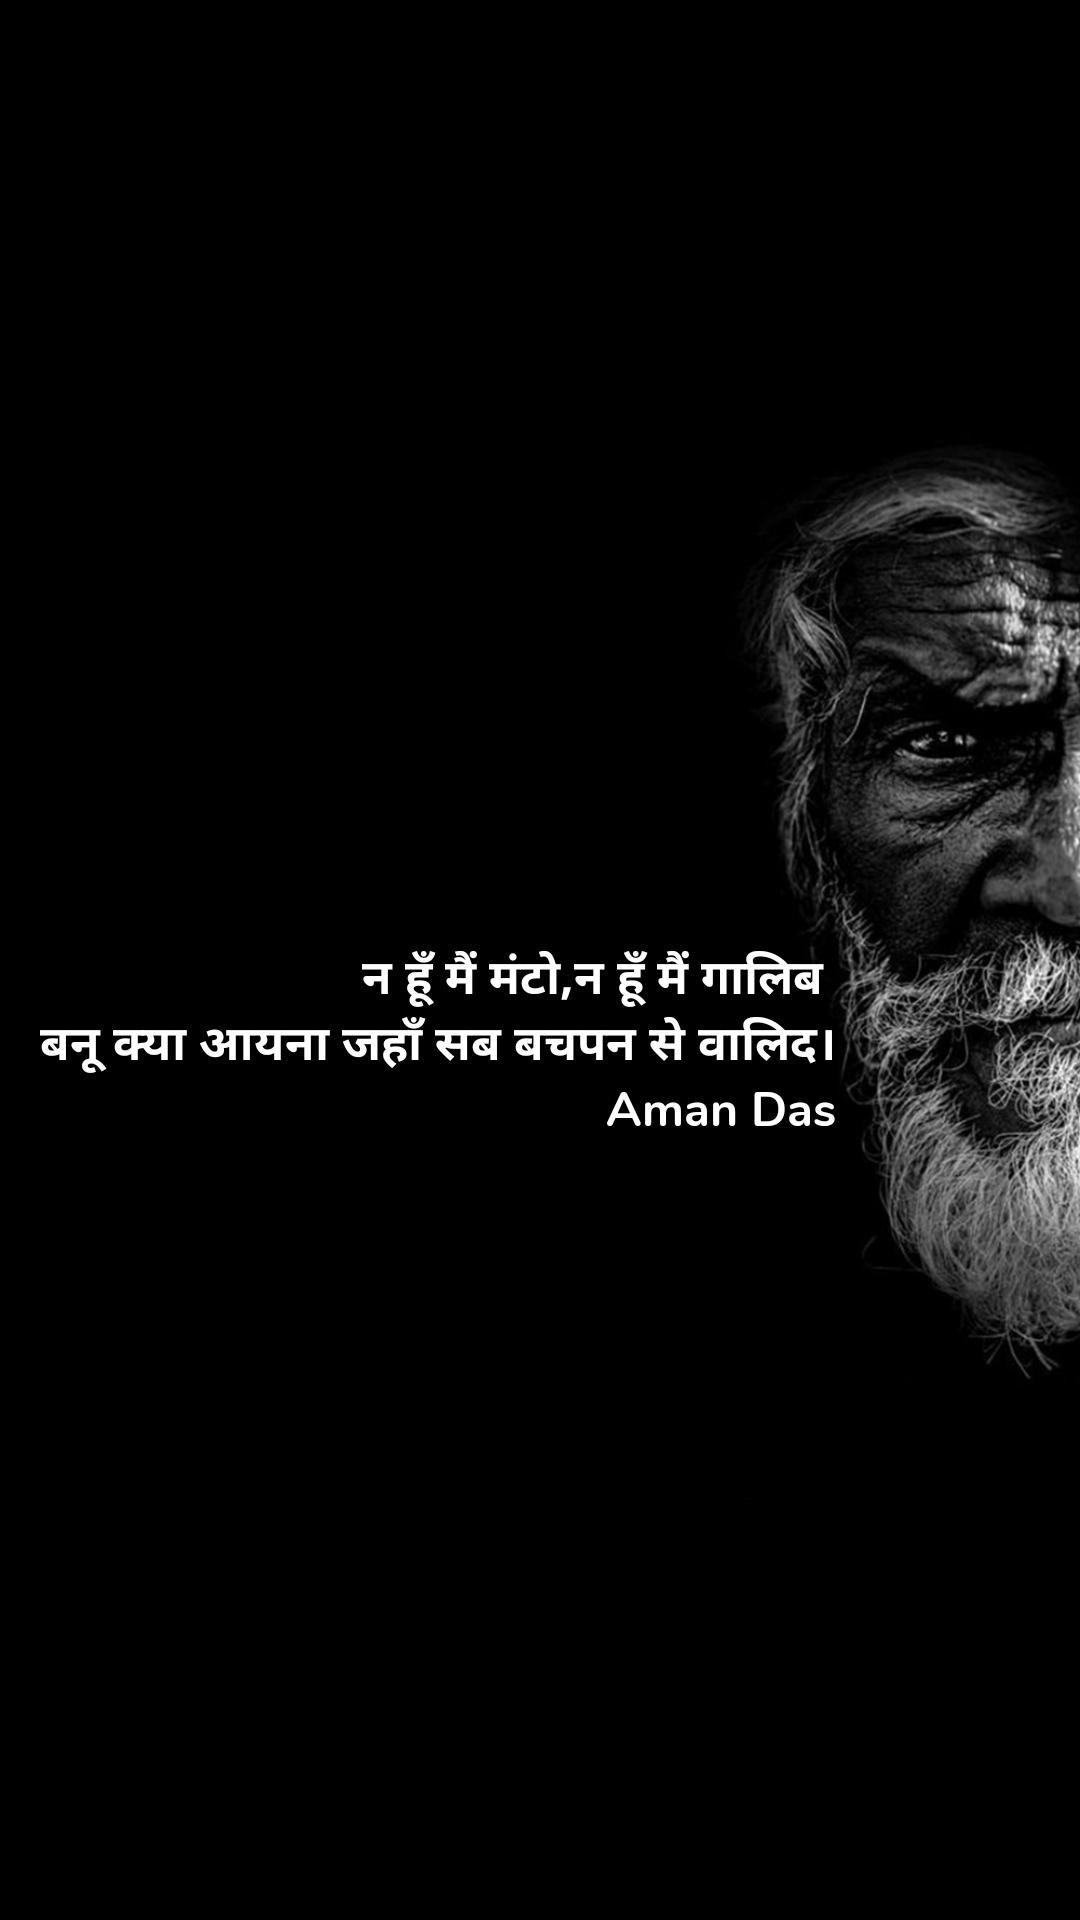 न हूँ मैं मंटो,न हूँ मैं गालिब   बनू क्या आयना जहाँ सब बचपन से वालिद। Aman Das